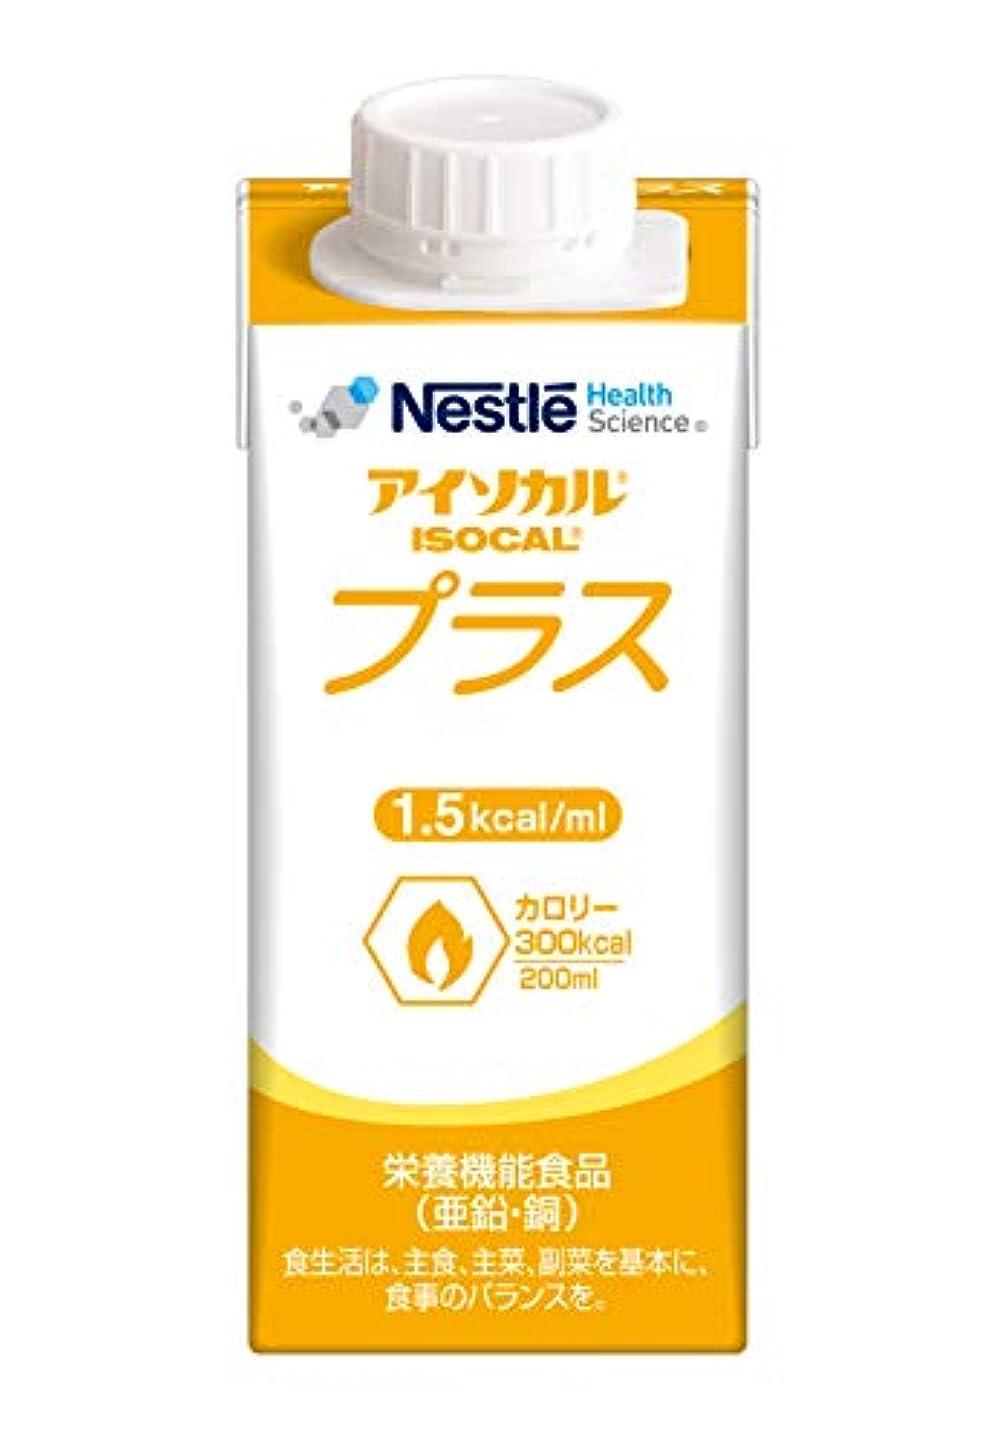 ミルクチーター仲間、同僚アイソカルプラス 200ml(300kcal)×20パック/ケース 【高濃度液状栄養食】 ネスレ